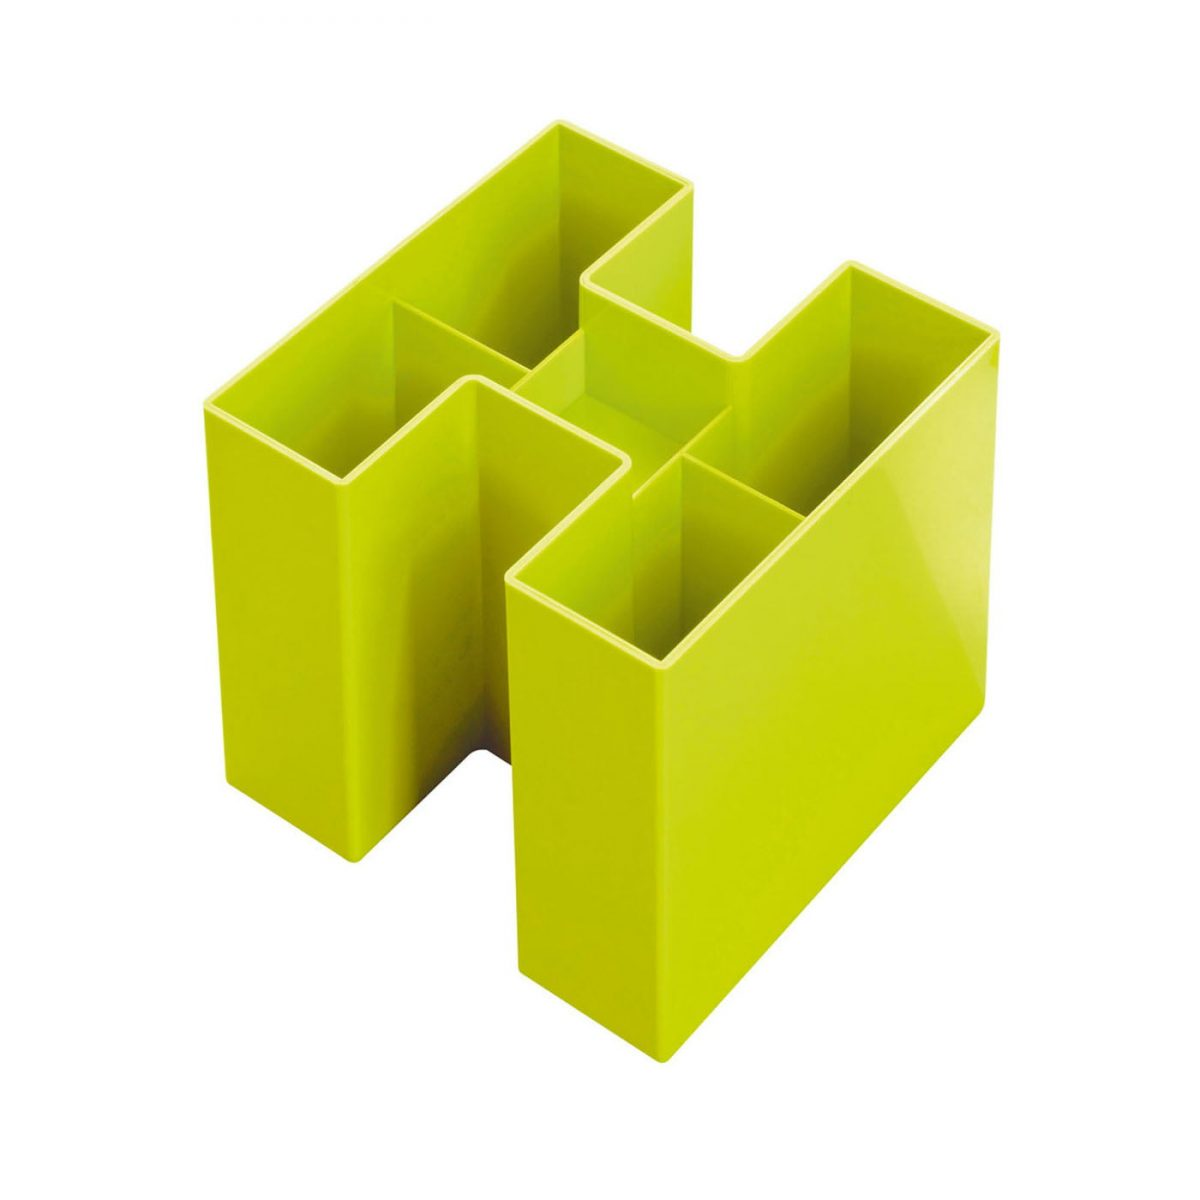 Suport pentru instrumente de scris, HAN Bravo Trend-Colours - lemon